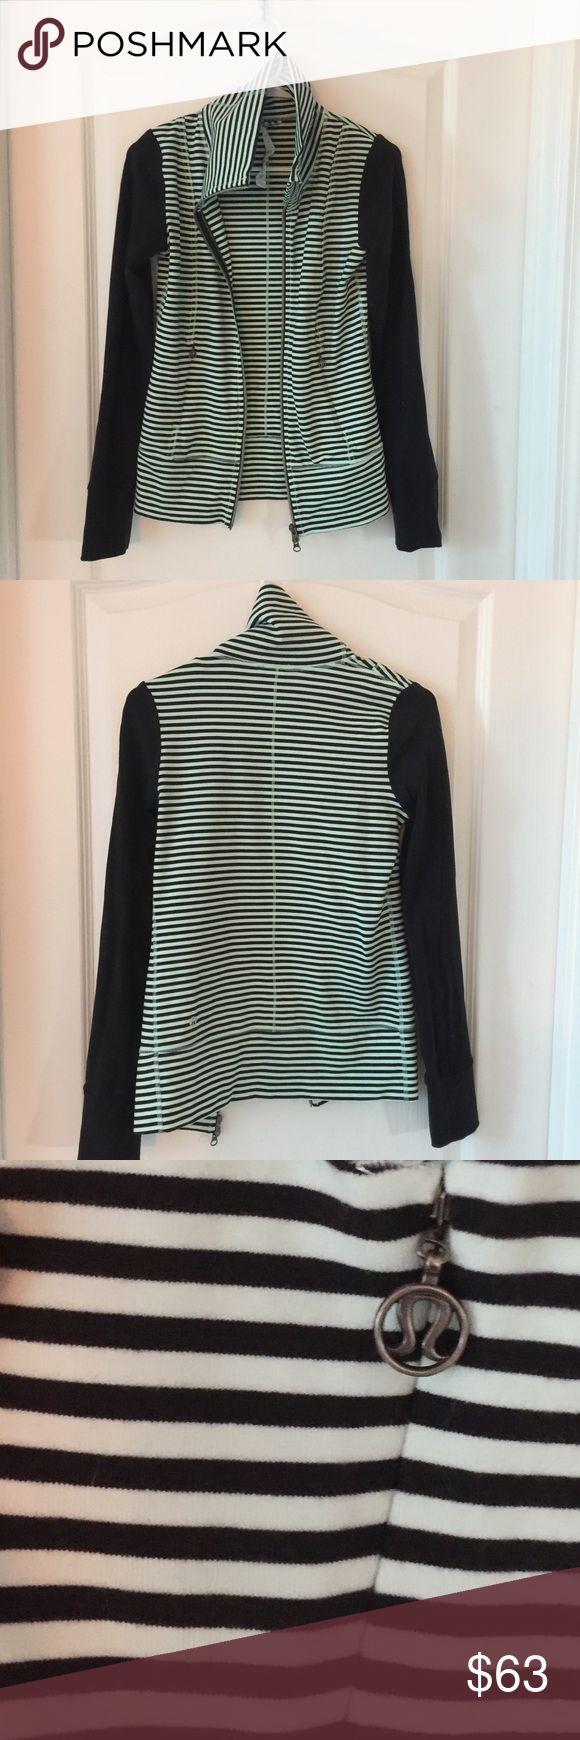 Lululemon Zip Up EUC. Lululemon striped zip up. Size 2. lululemon athletica Jackets & Coats